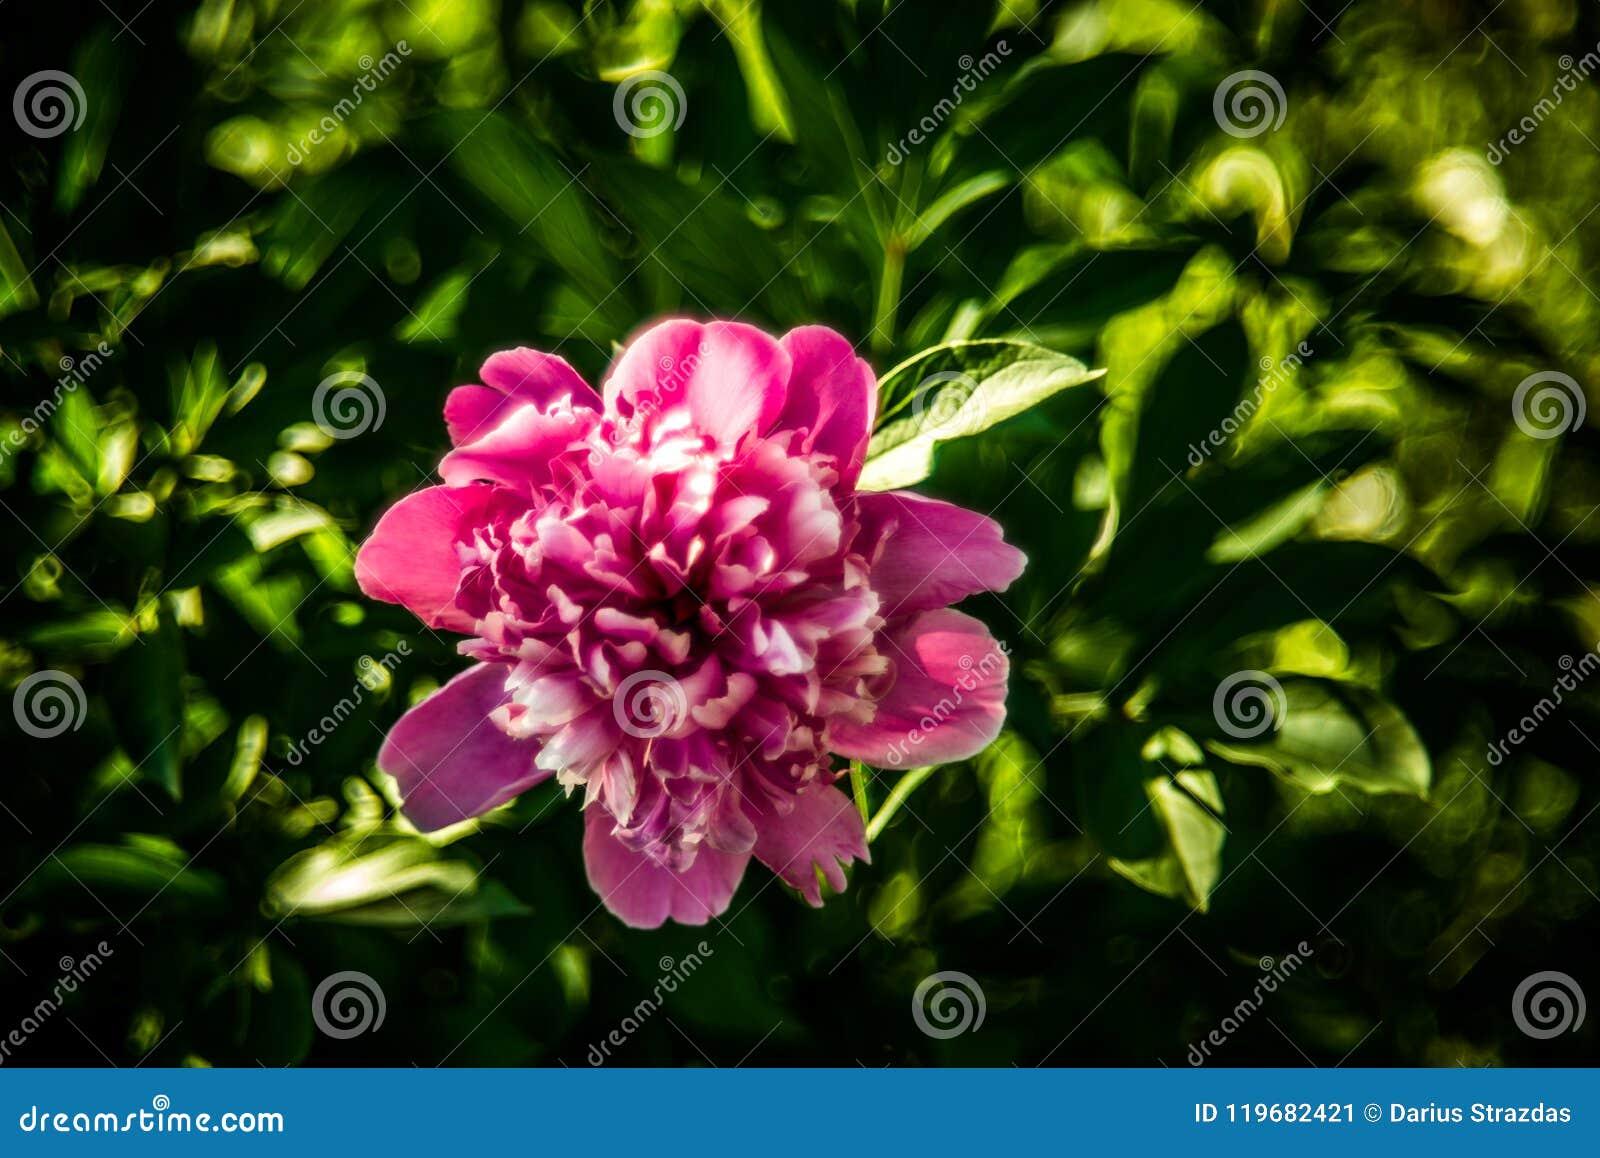 Fleur rose de pivoine